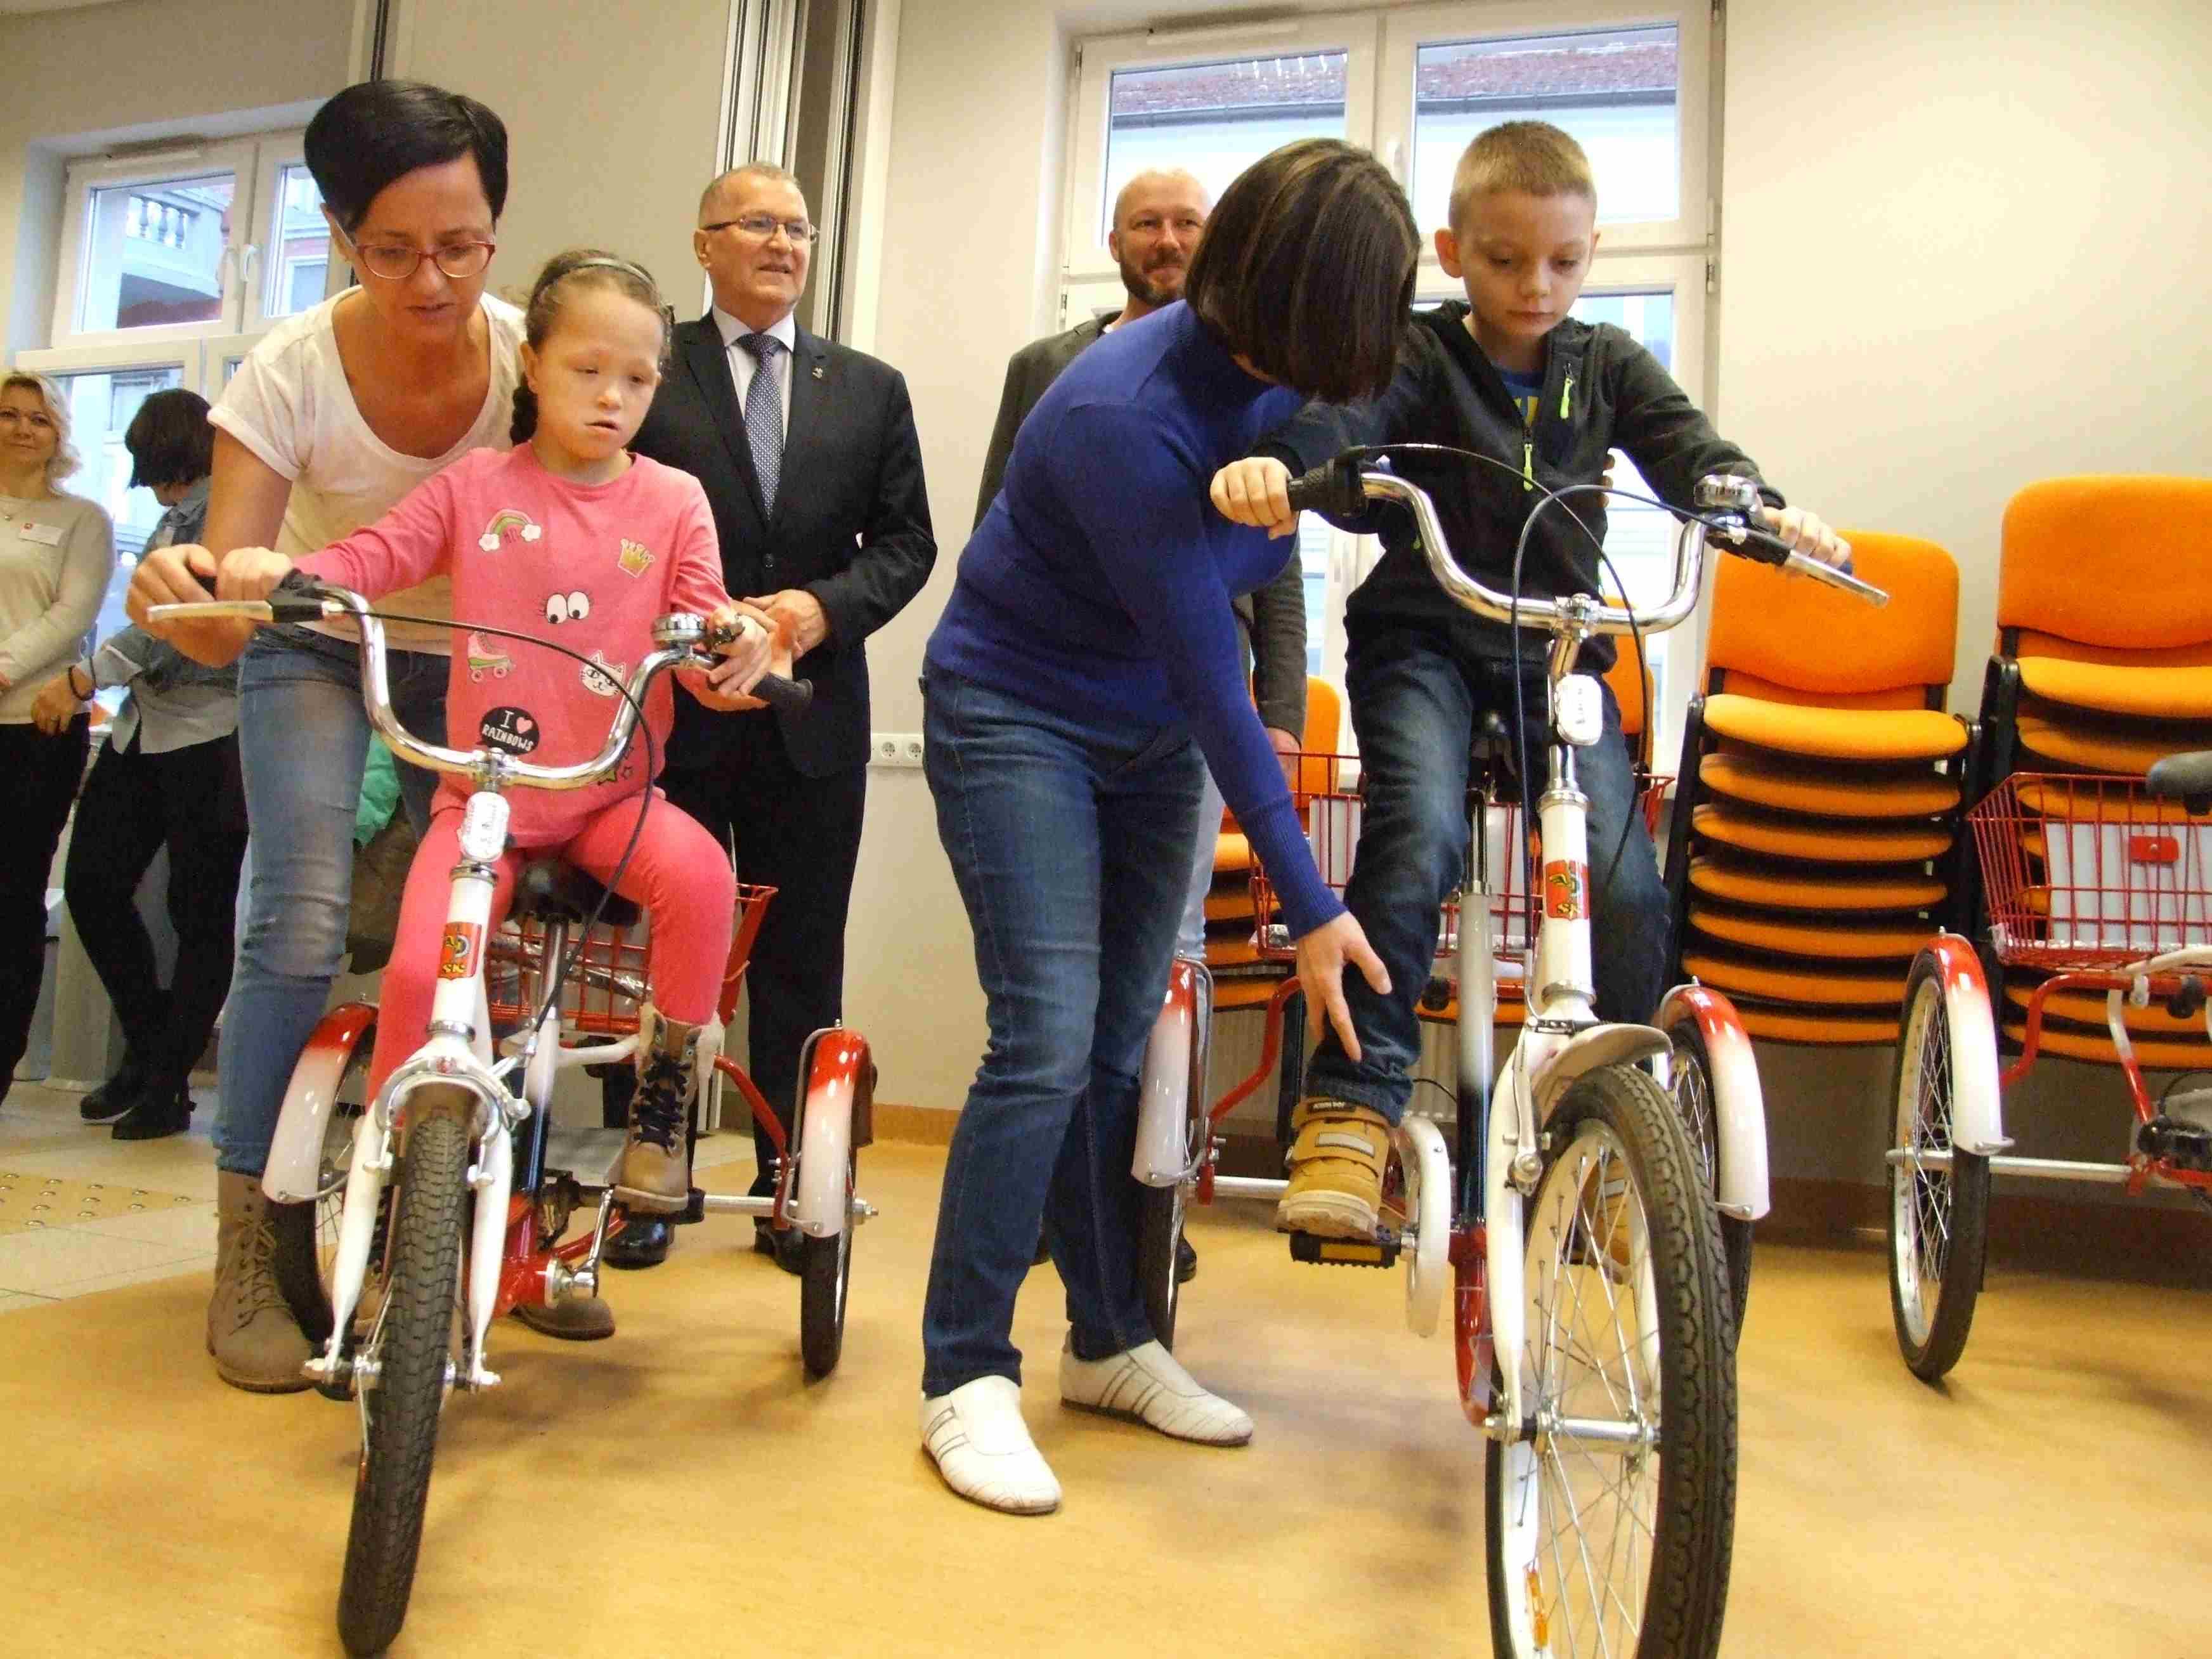 rowery dla niepelnosprawnych konin - Aleksandra Braciszewska-Benkahla